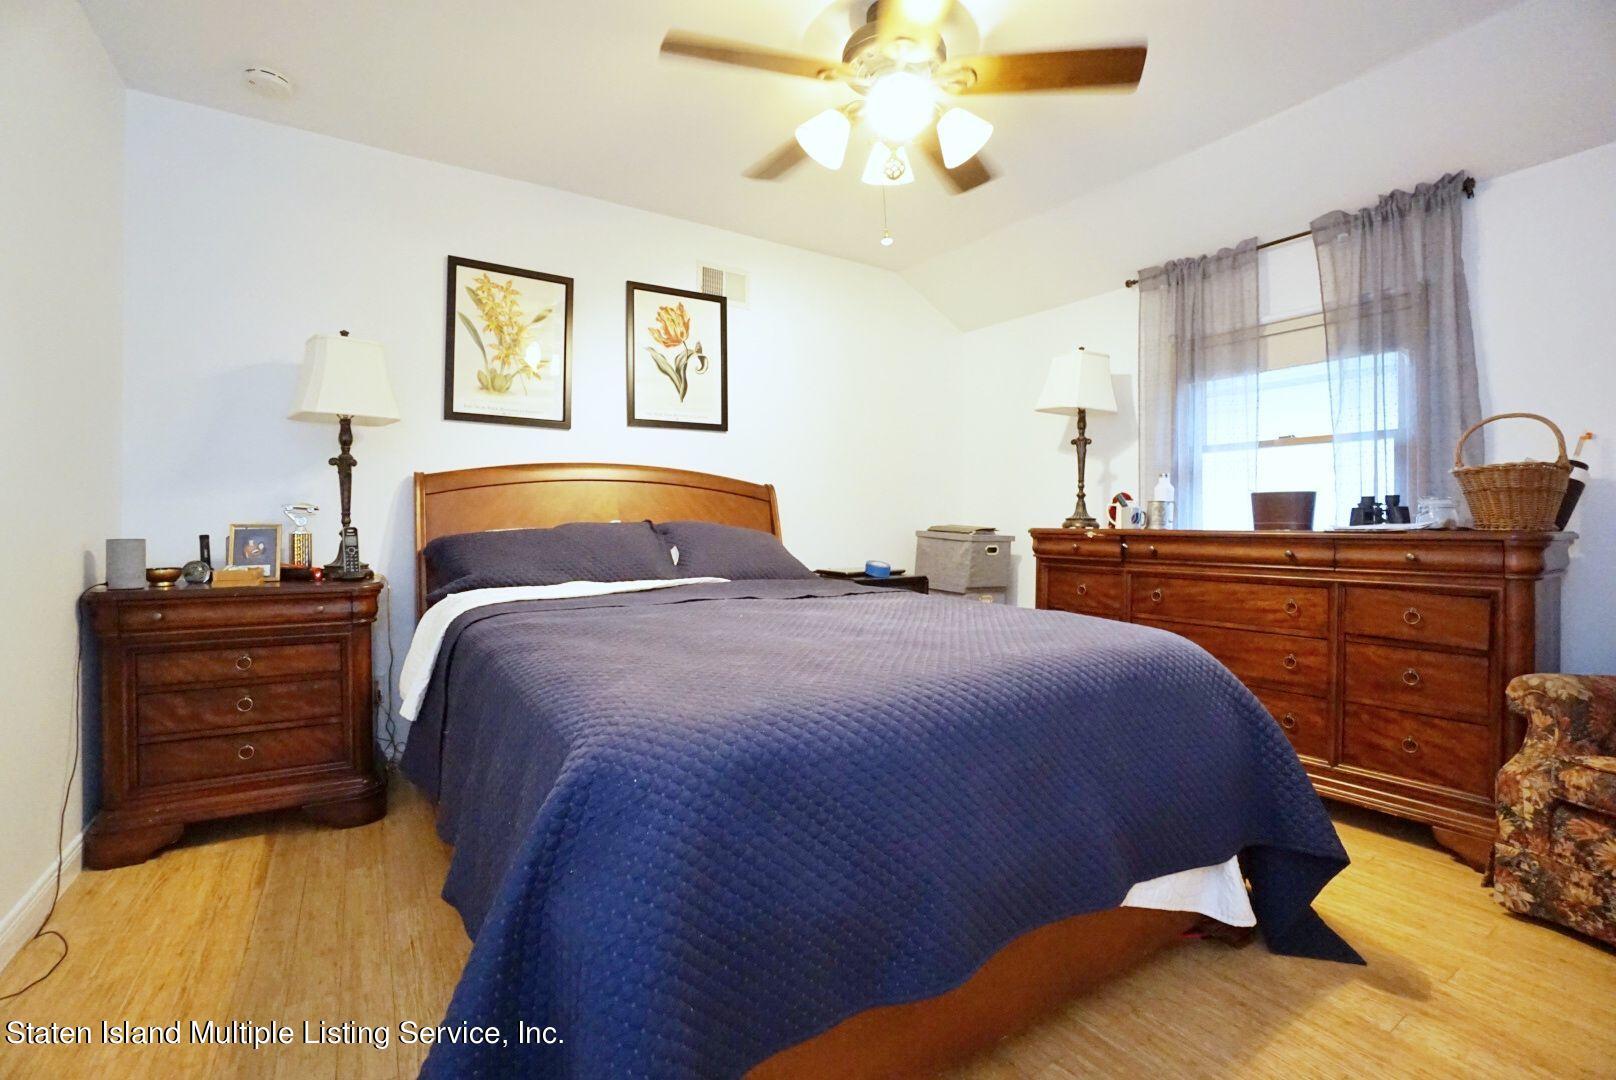 Single Family - Detached 311 Sharrott Avenue  Staten Island, NY 10309, MLS-1146042-30